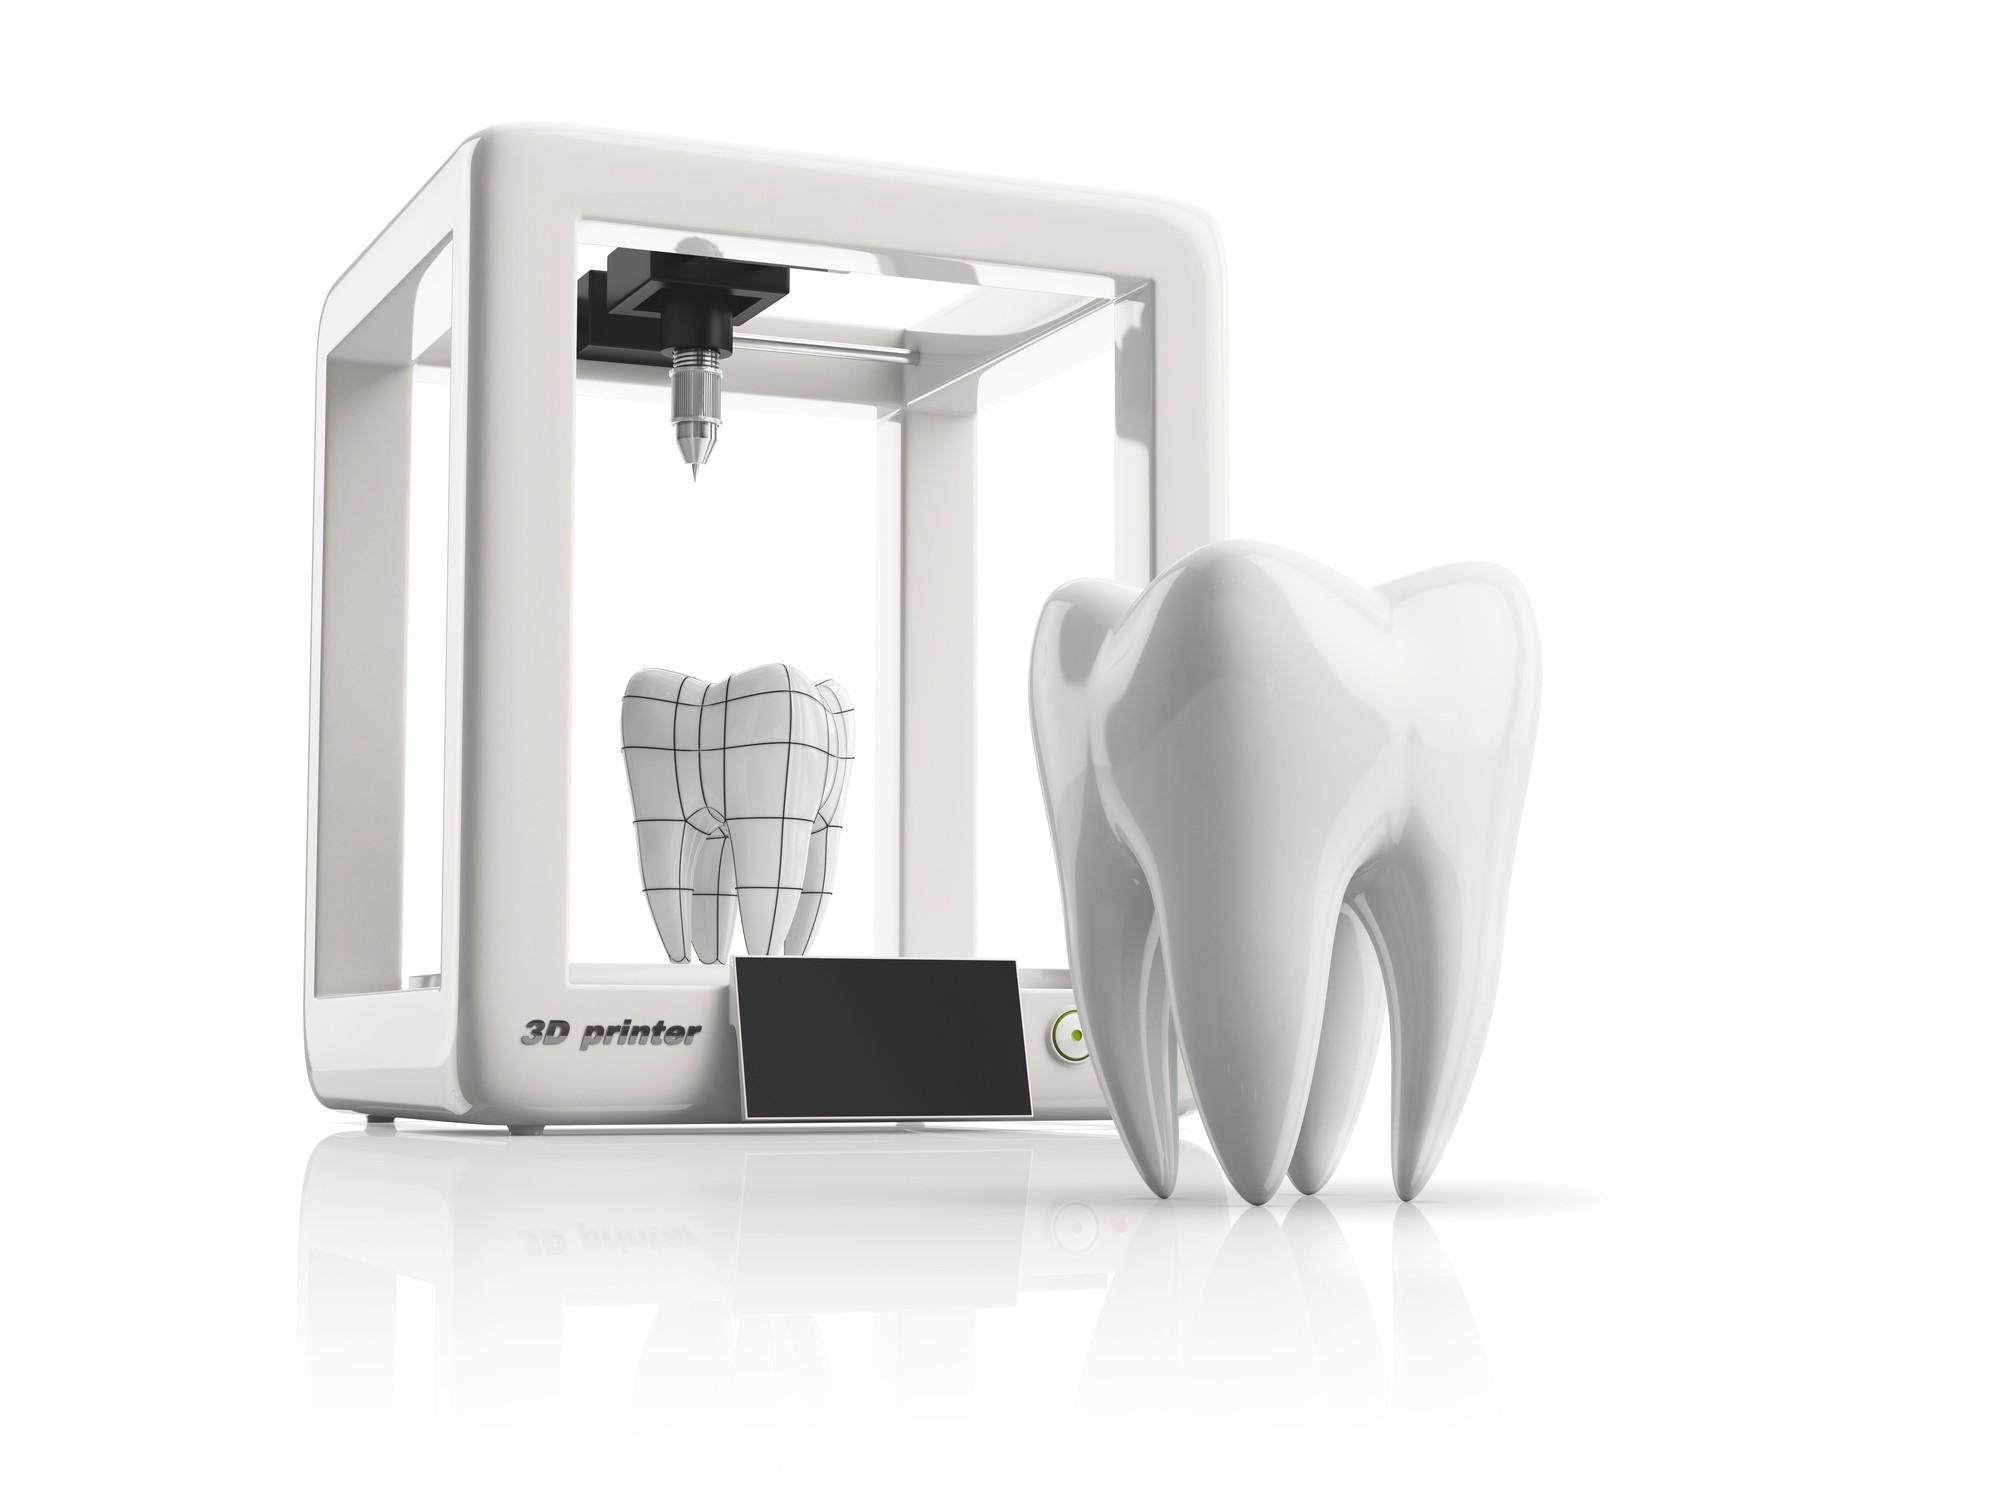 Na odontologia, dentaduras, pontes e coroas dentárias, entre outras peças podem ser produzidas por meio de impressão 3D (Foto: ThinkStock)